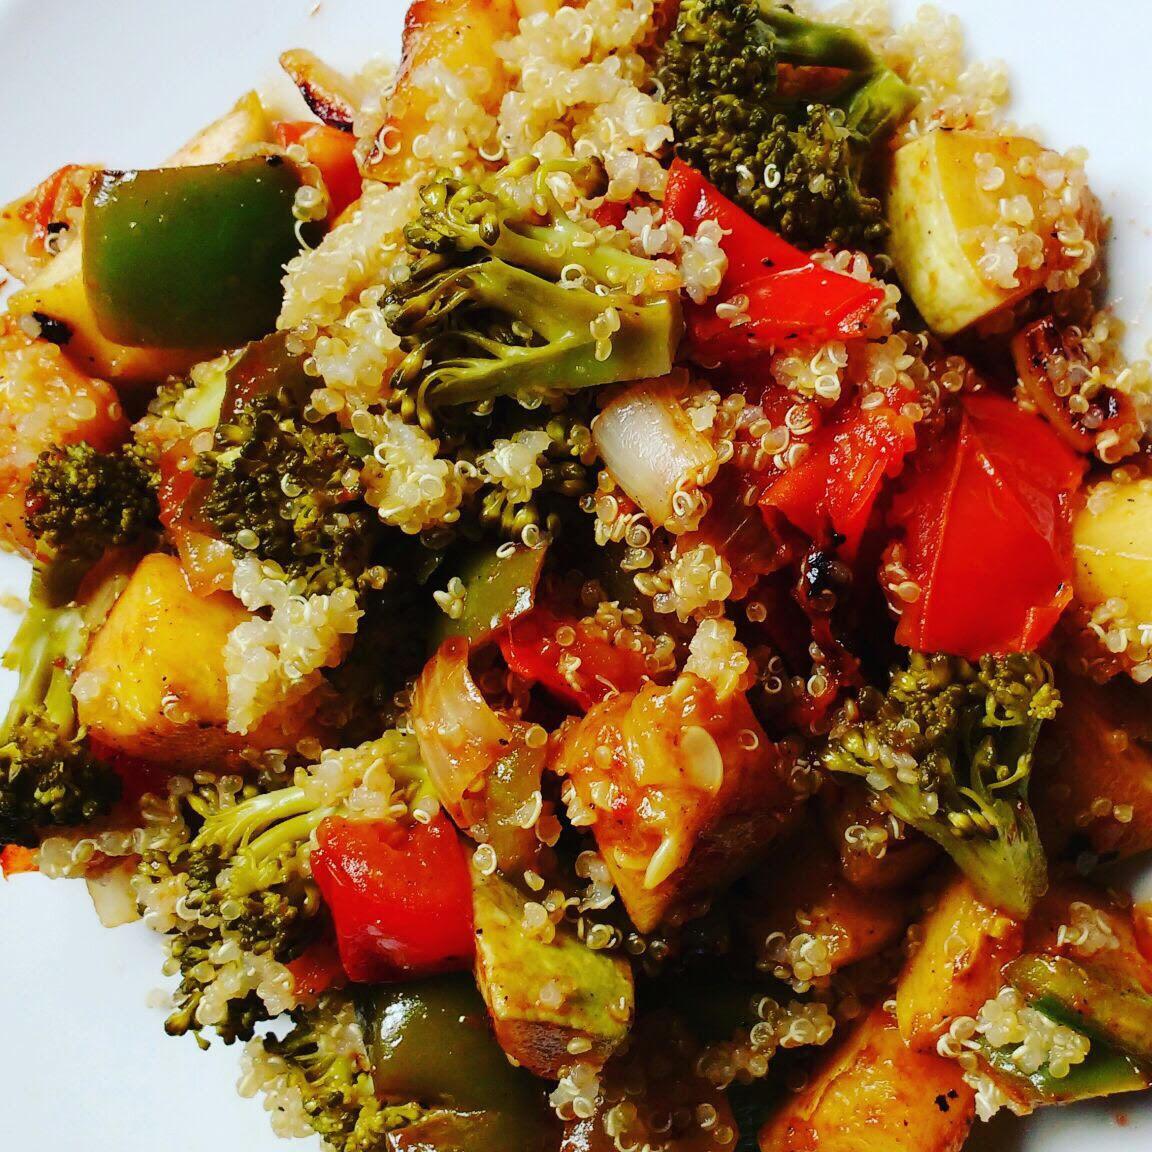 Ensalada de Quinoa y Vegetales Asados